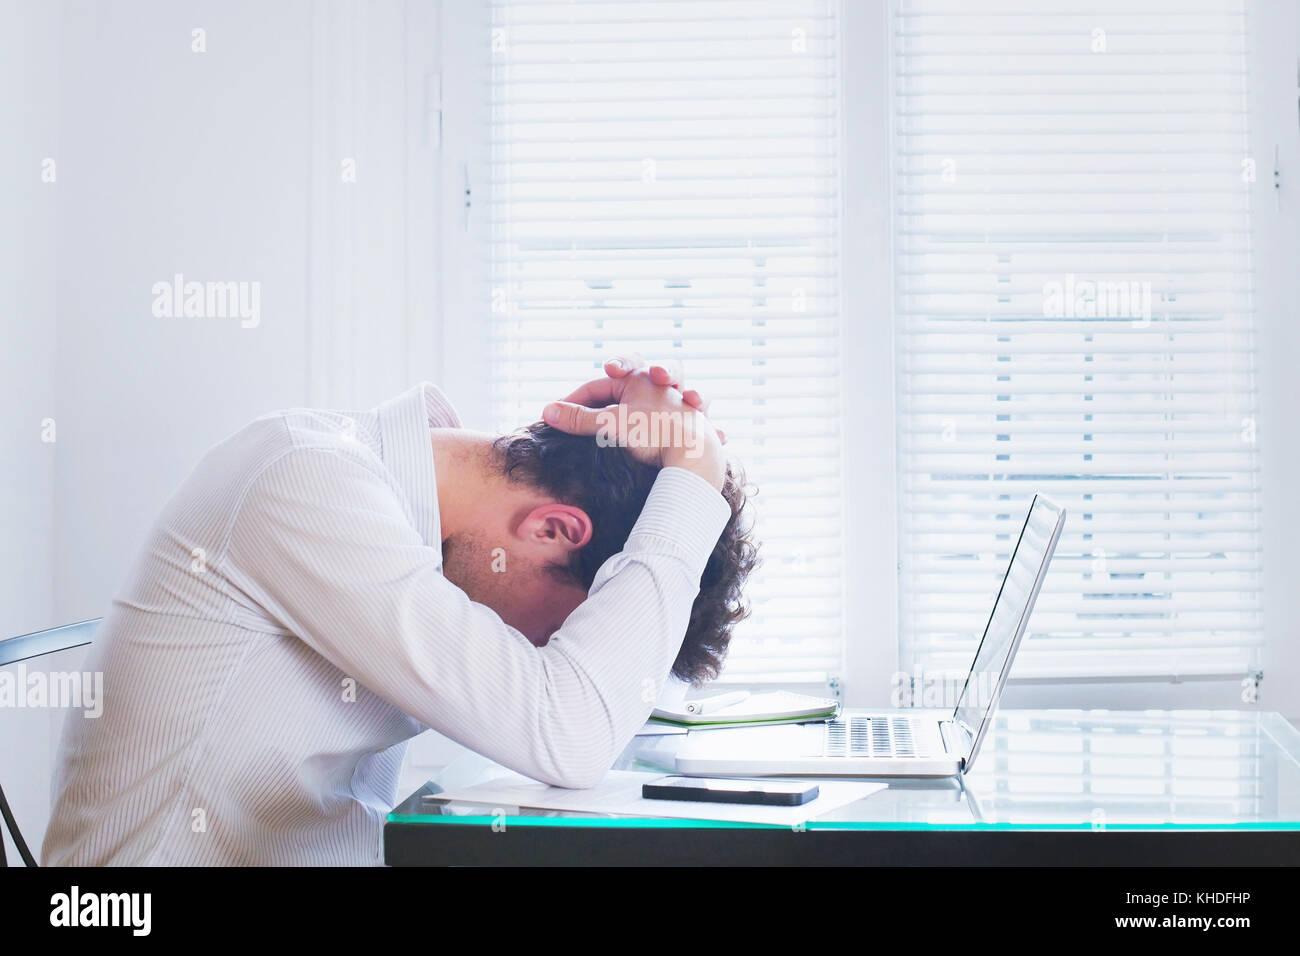 Agotamiento Emocional, cansado del empresario en el lugar de trabajo en la oficina, concepto de estrés Imagen De Stock